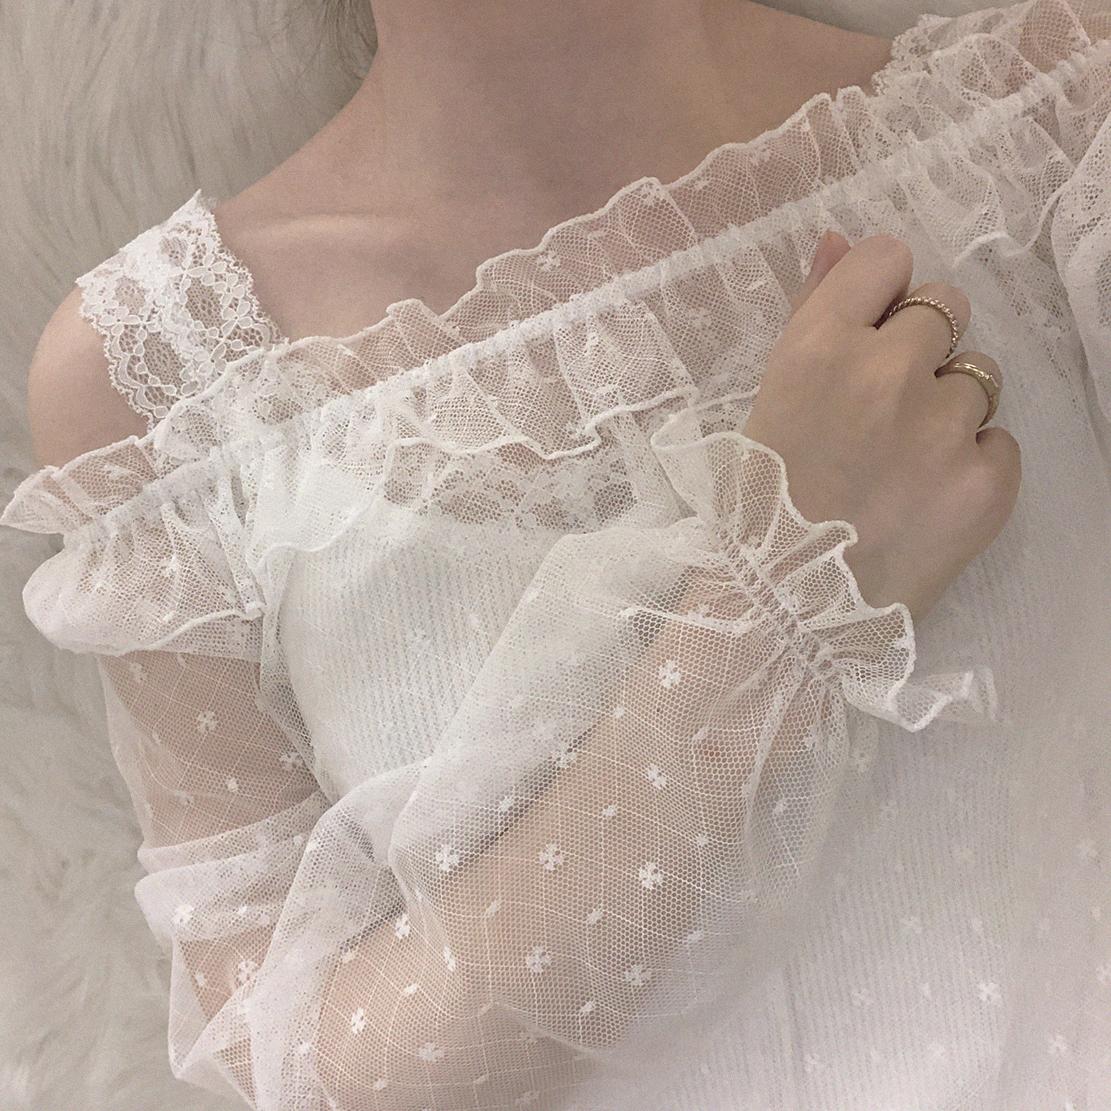 XIN 清澈凉爽透明感 蕾丝网纱 灯笼长袖 套头透视罩衫